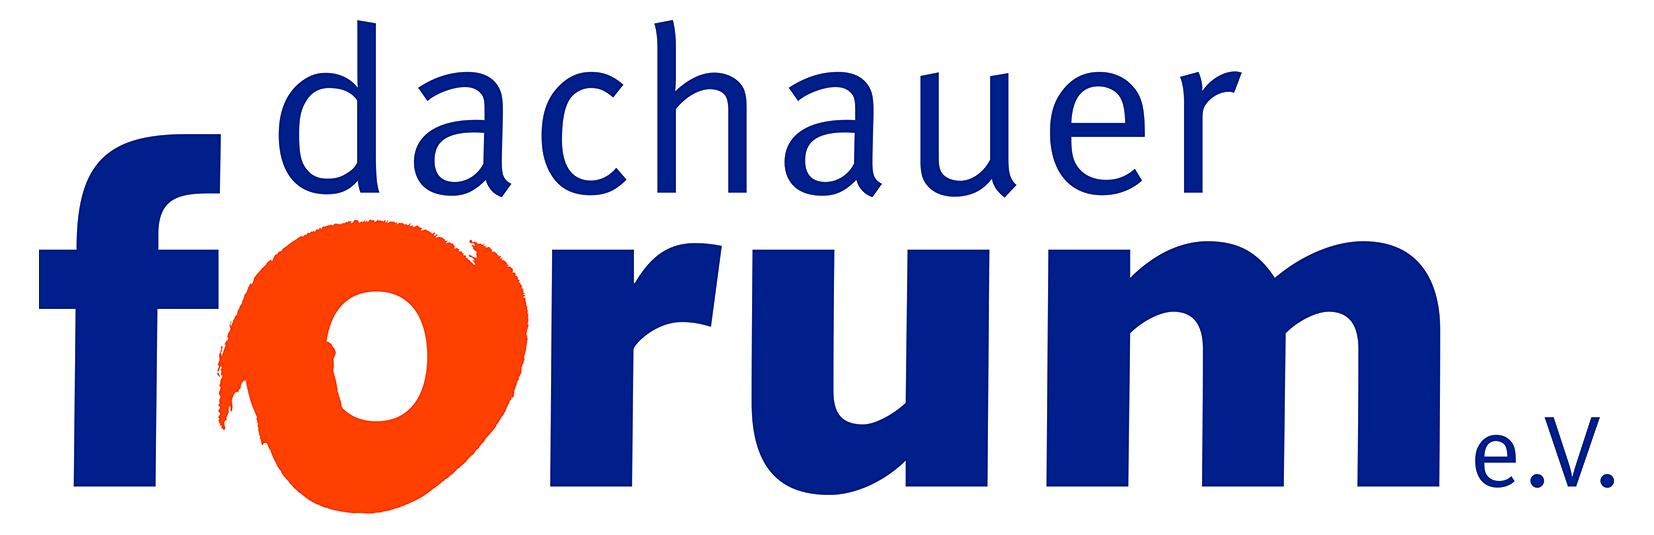 Dachauer Forum e.V.